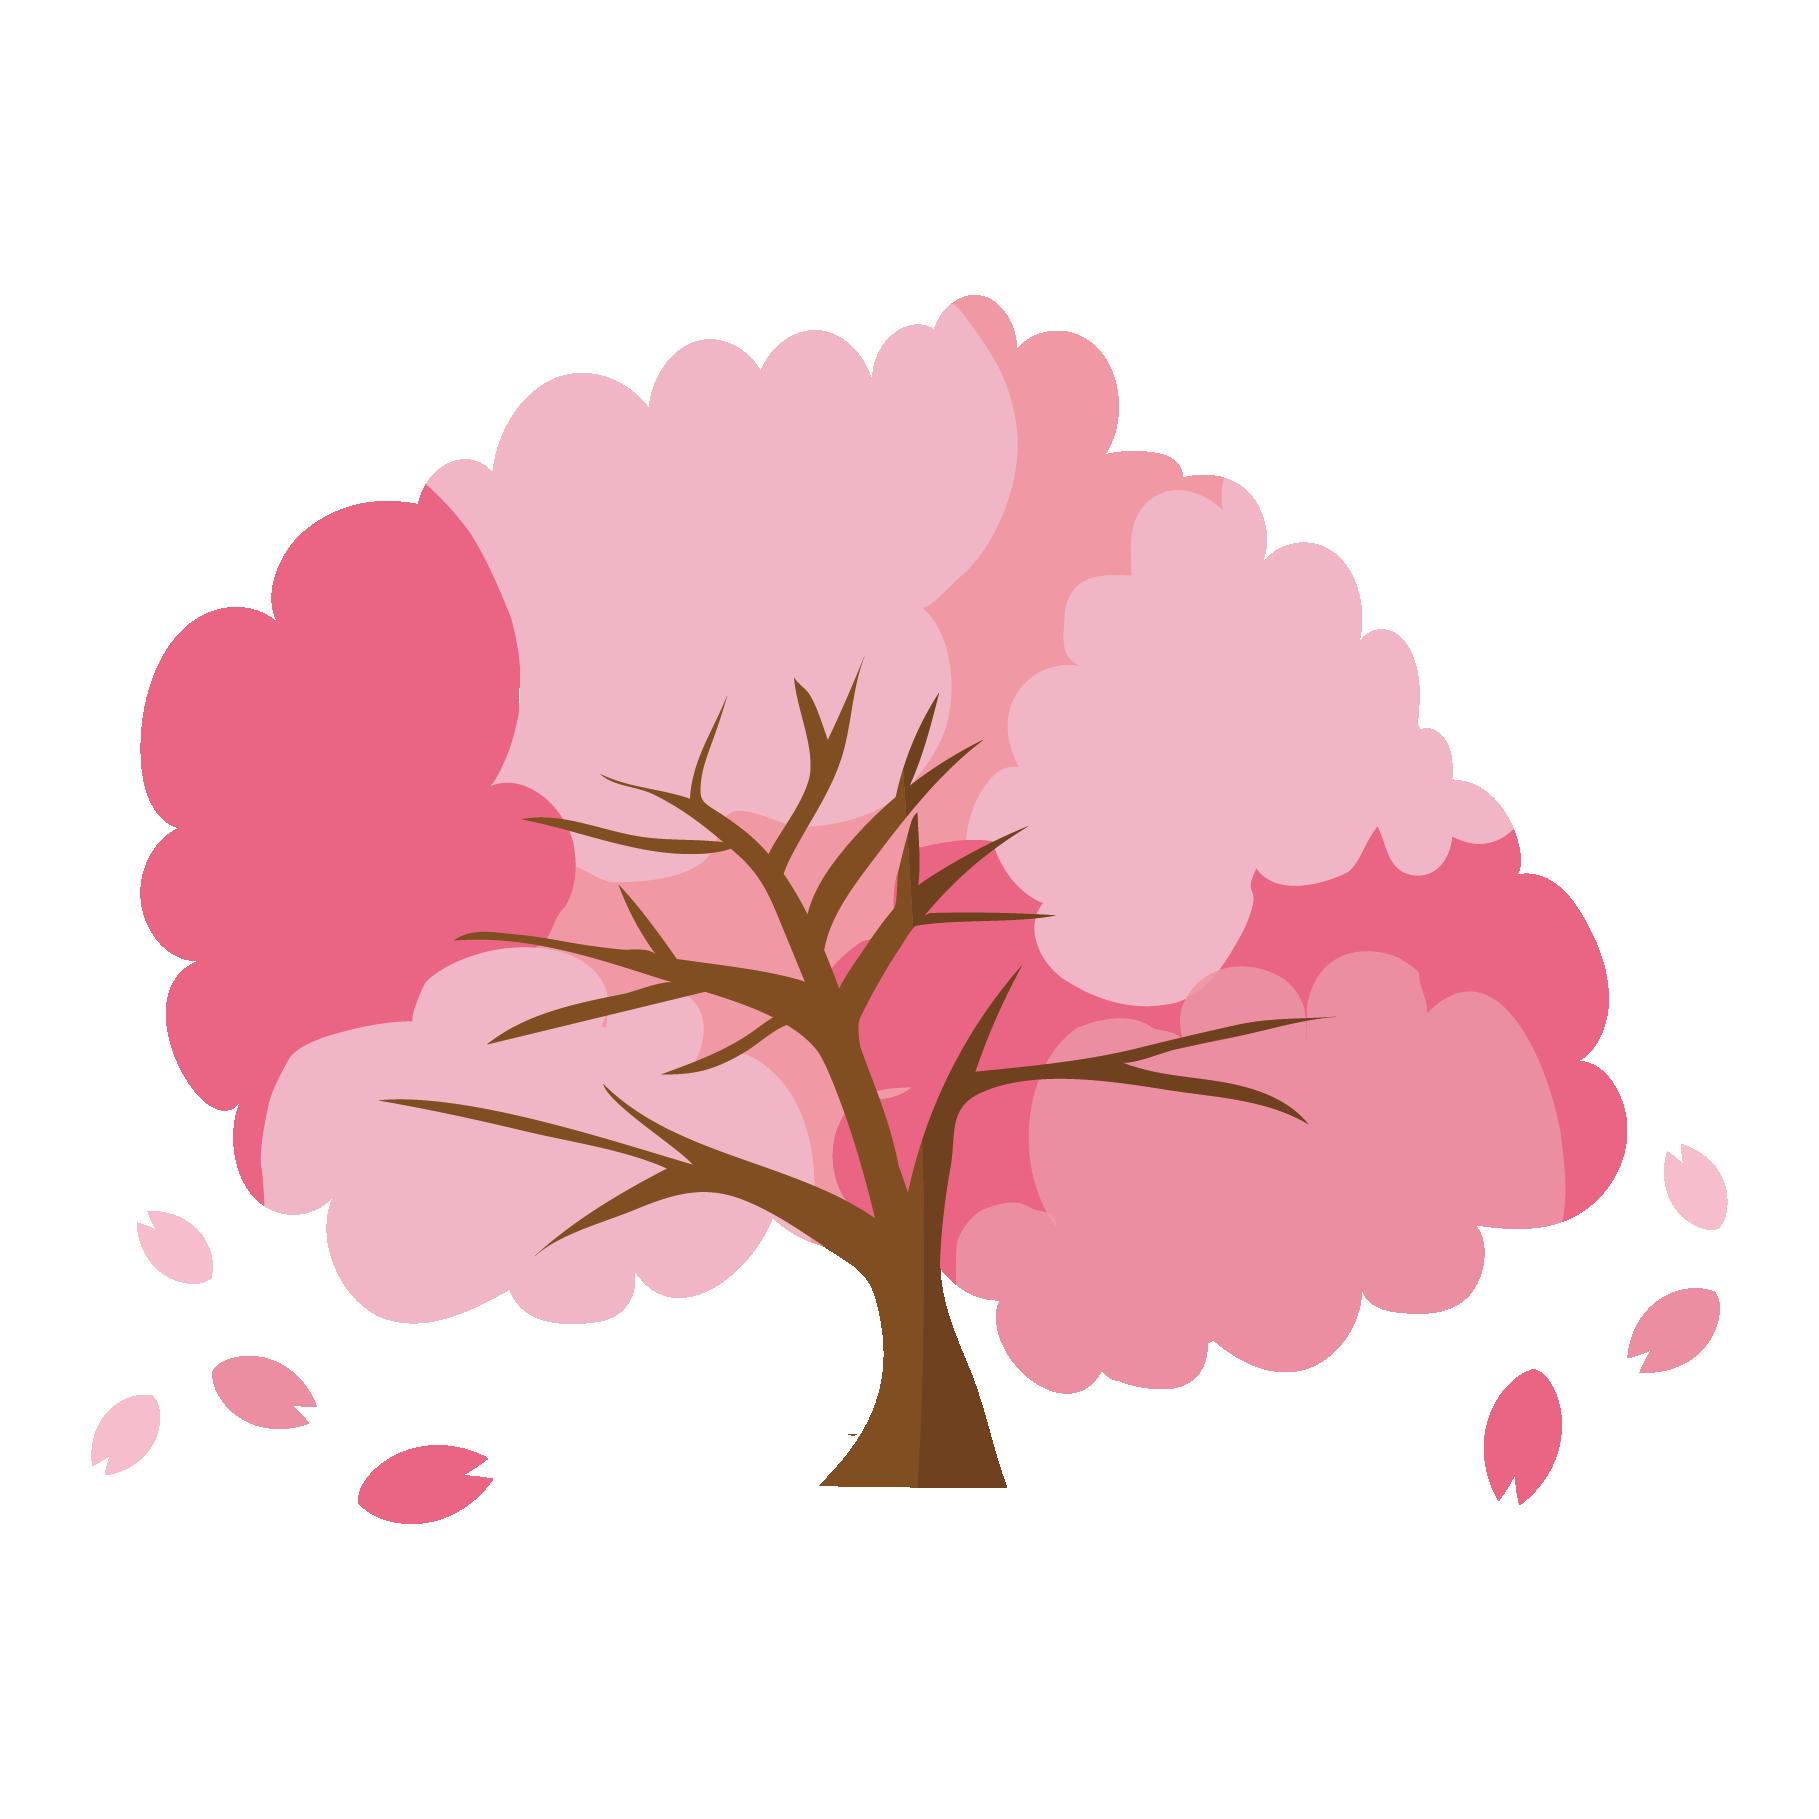 おしゃれでかわいい桜(サクラ・さくら)の木 イラスト | 商用フリー